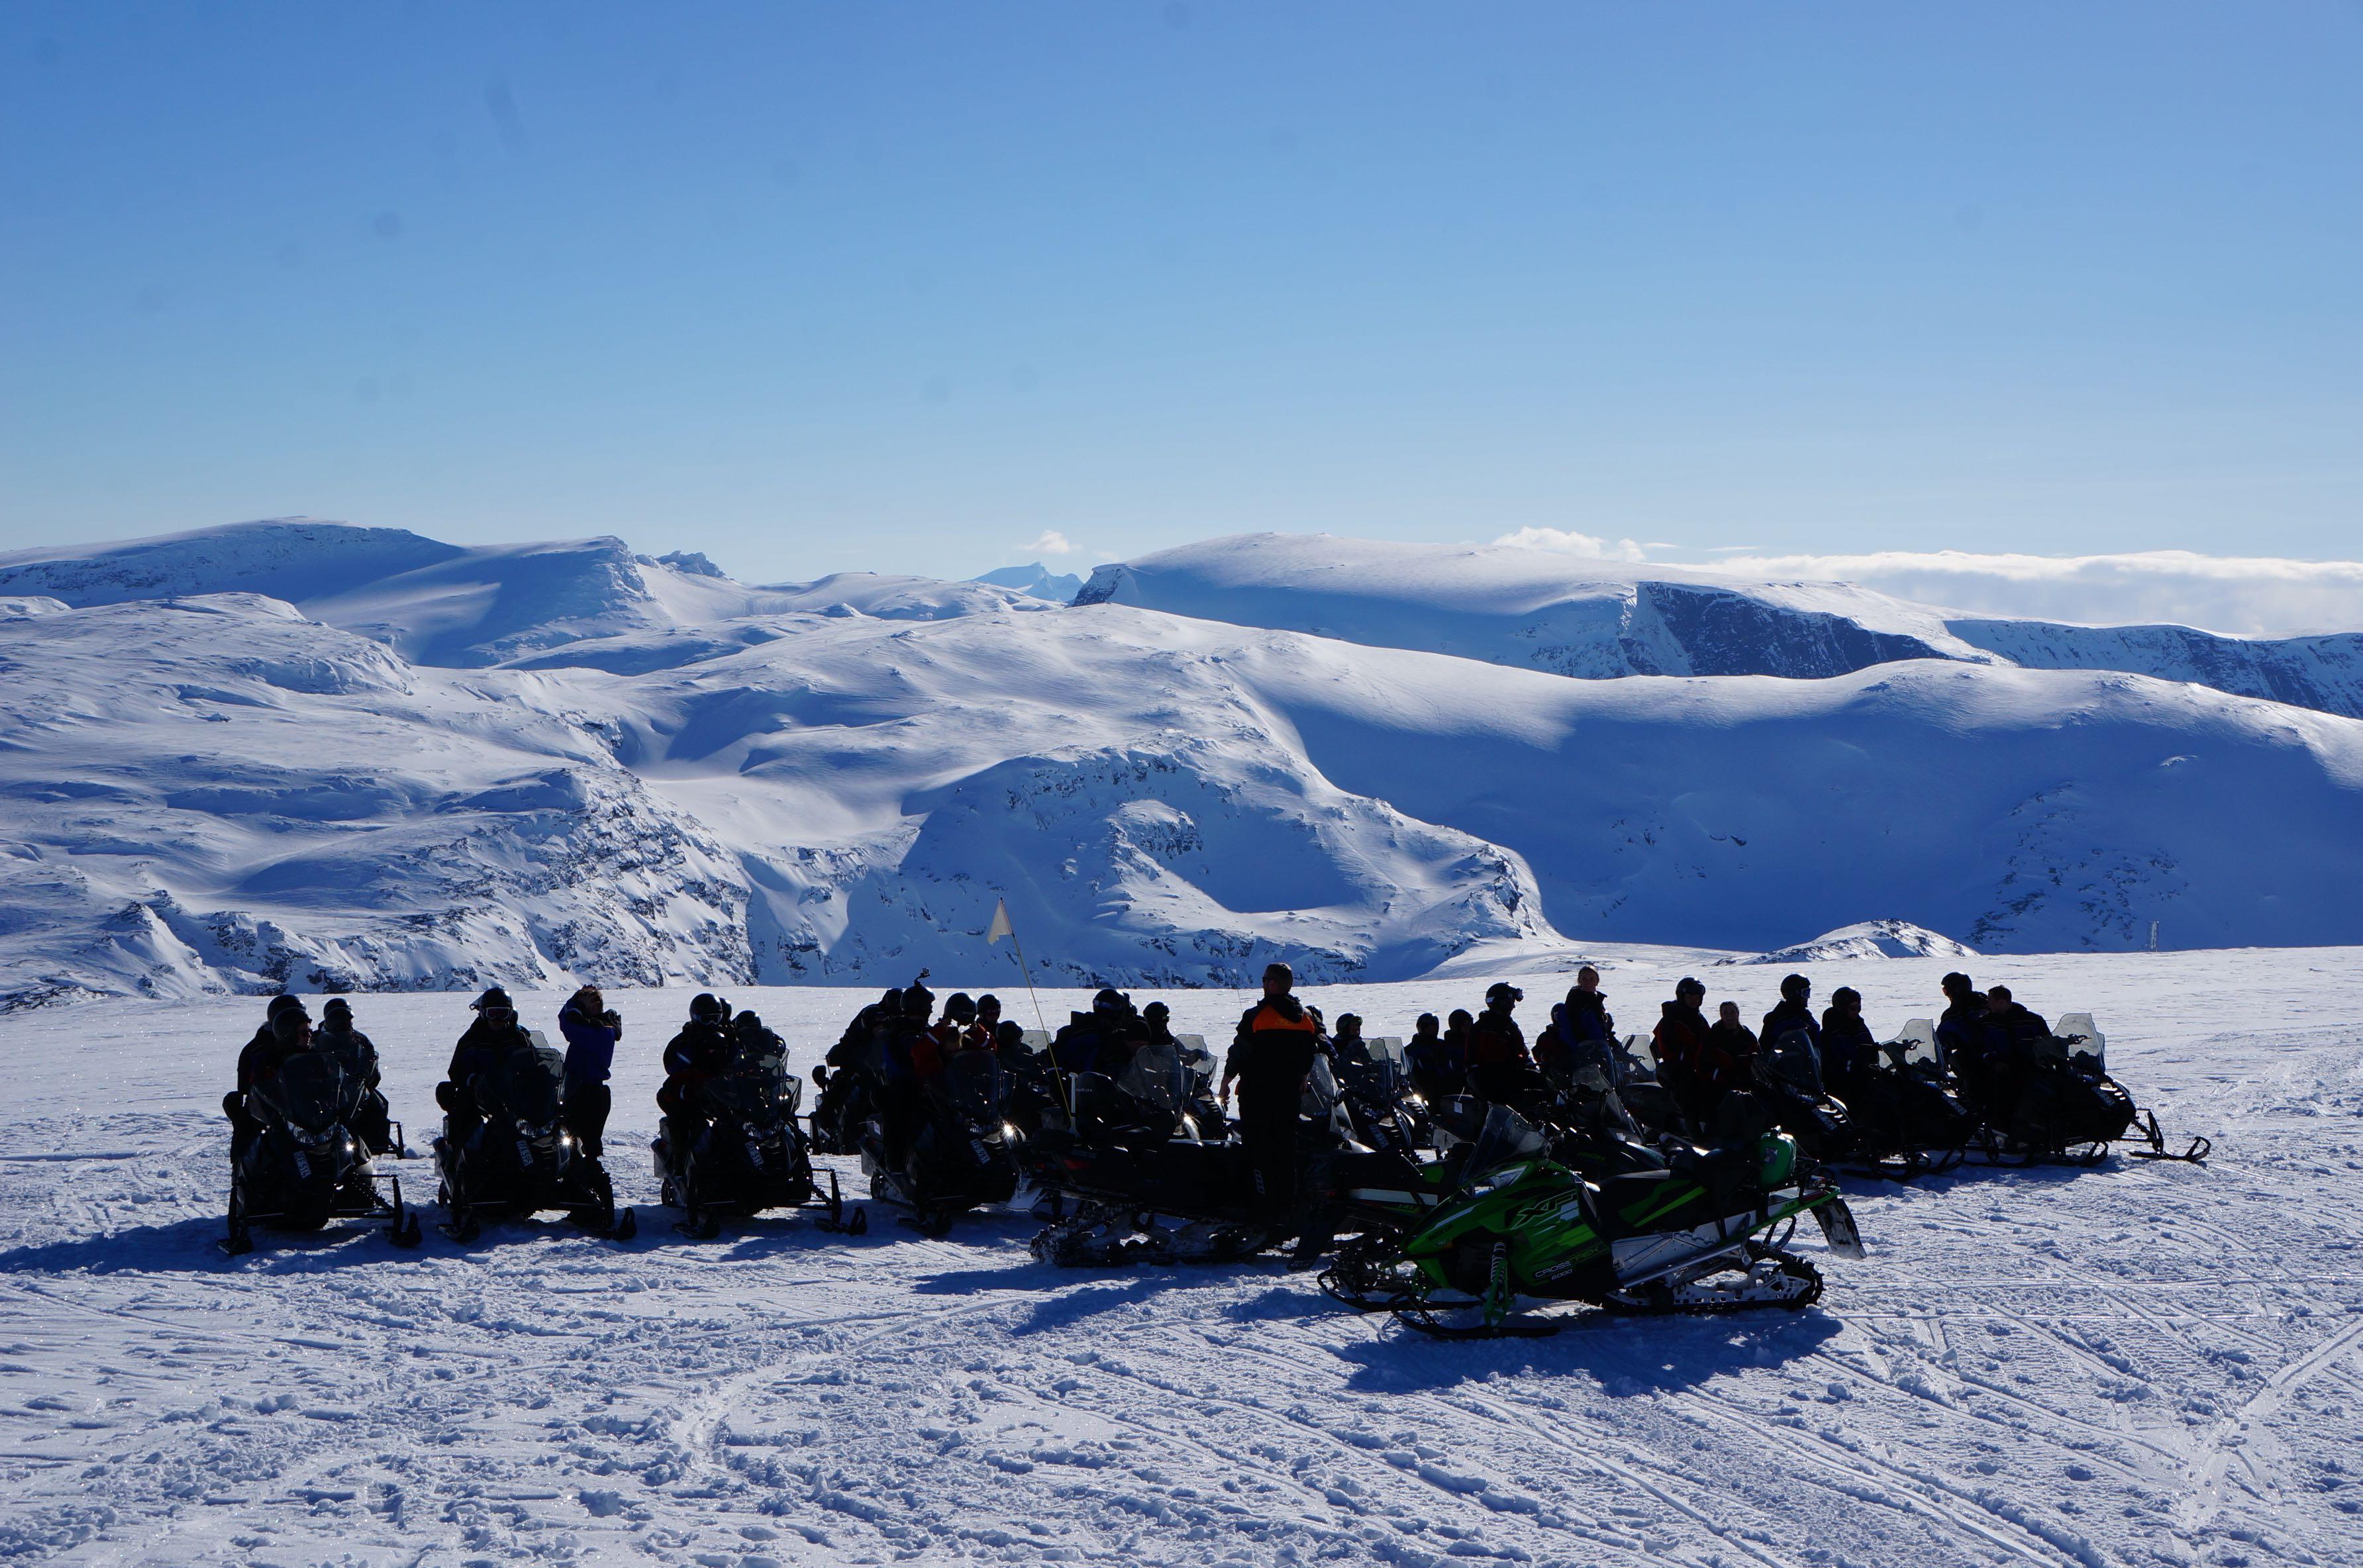 Snöskoter skoter event riksgränsen